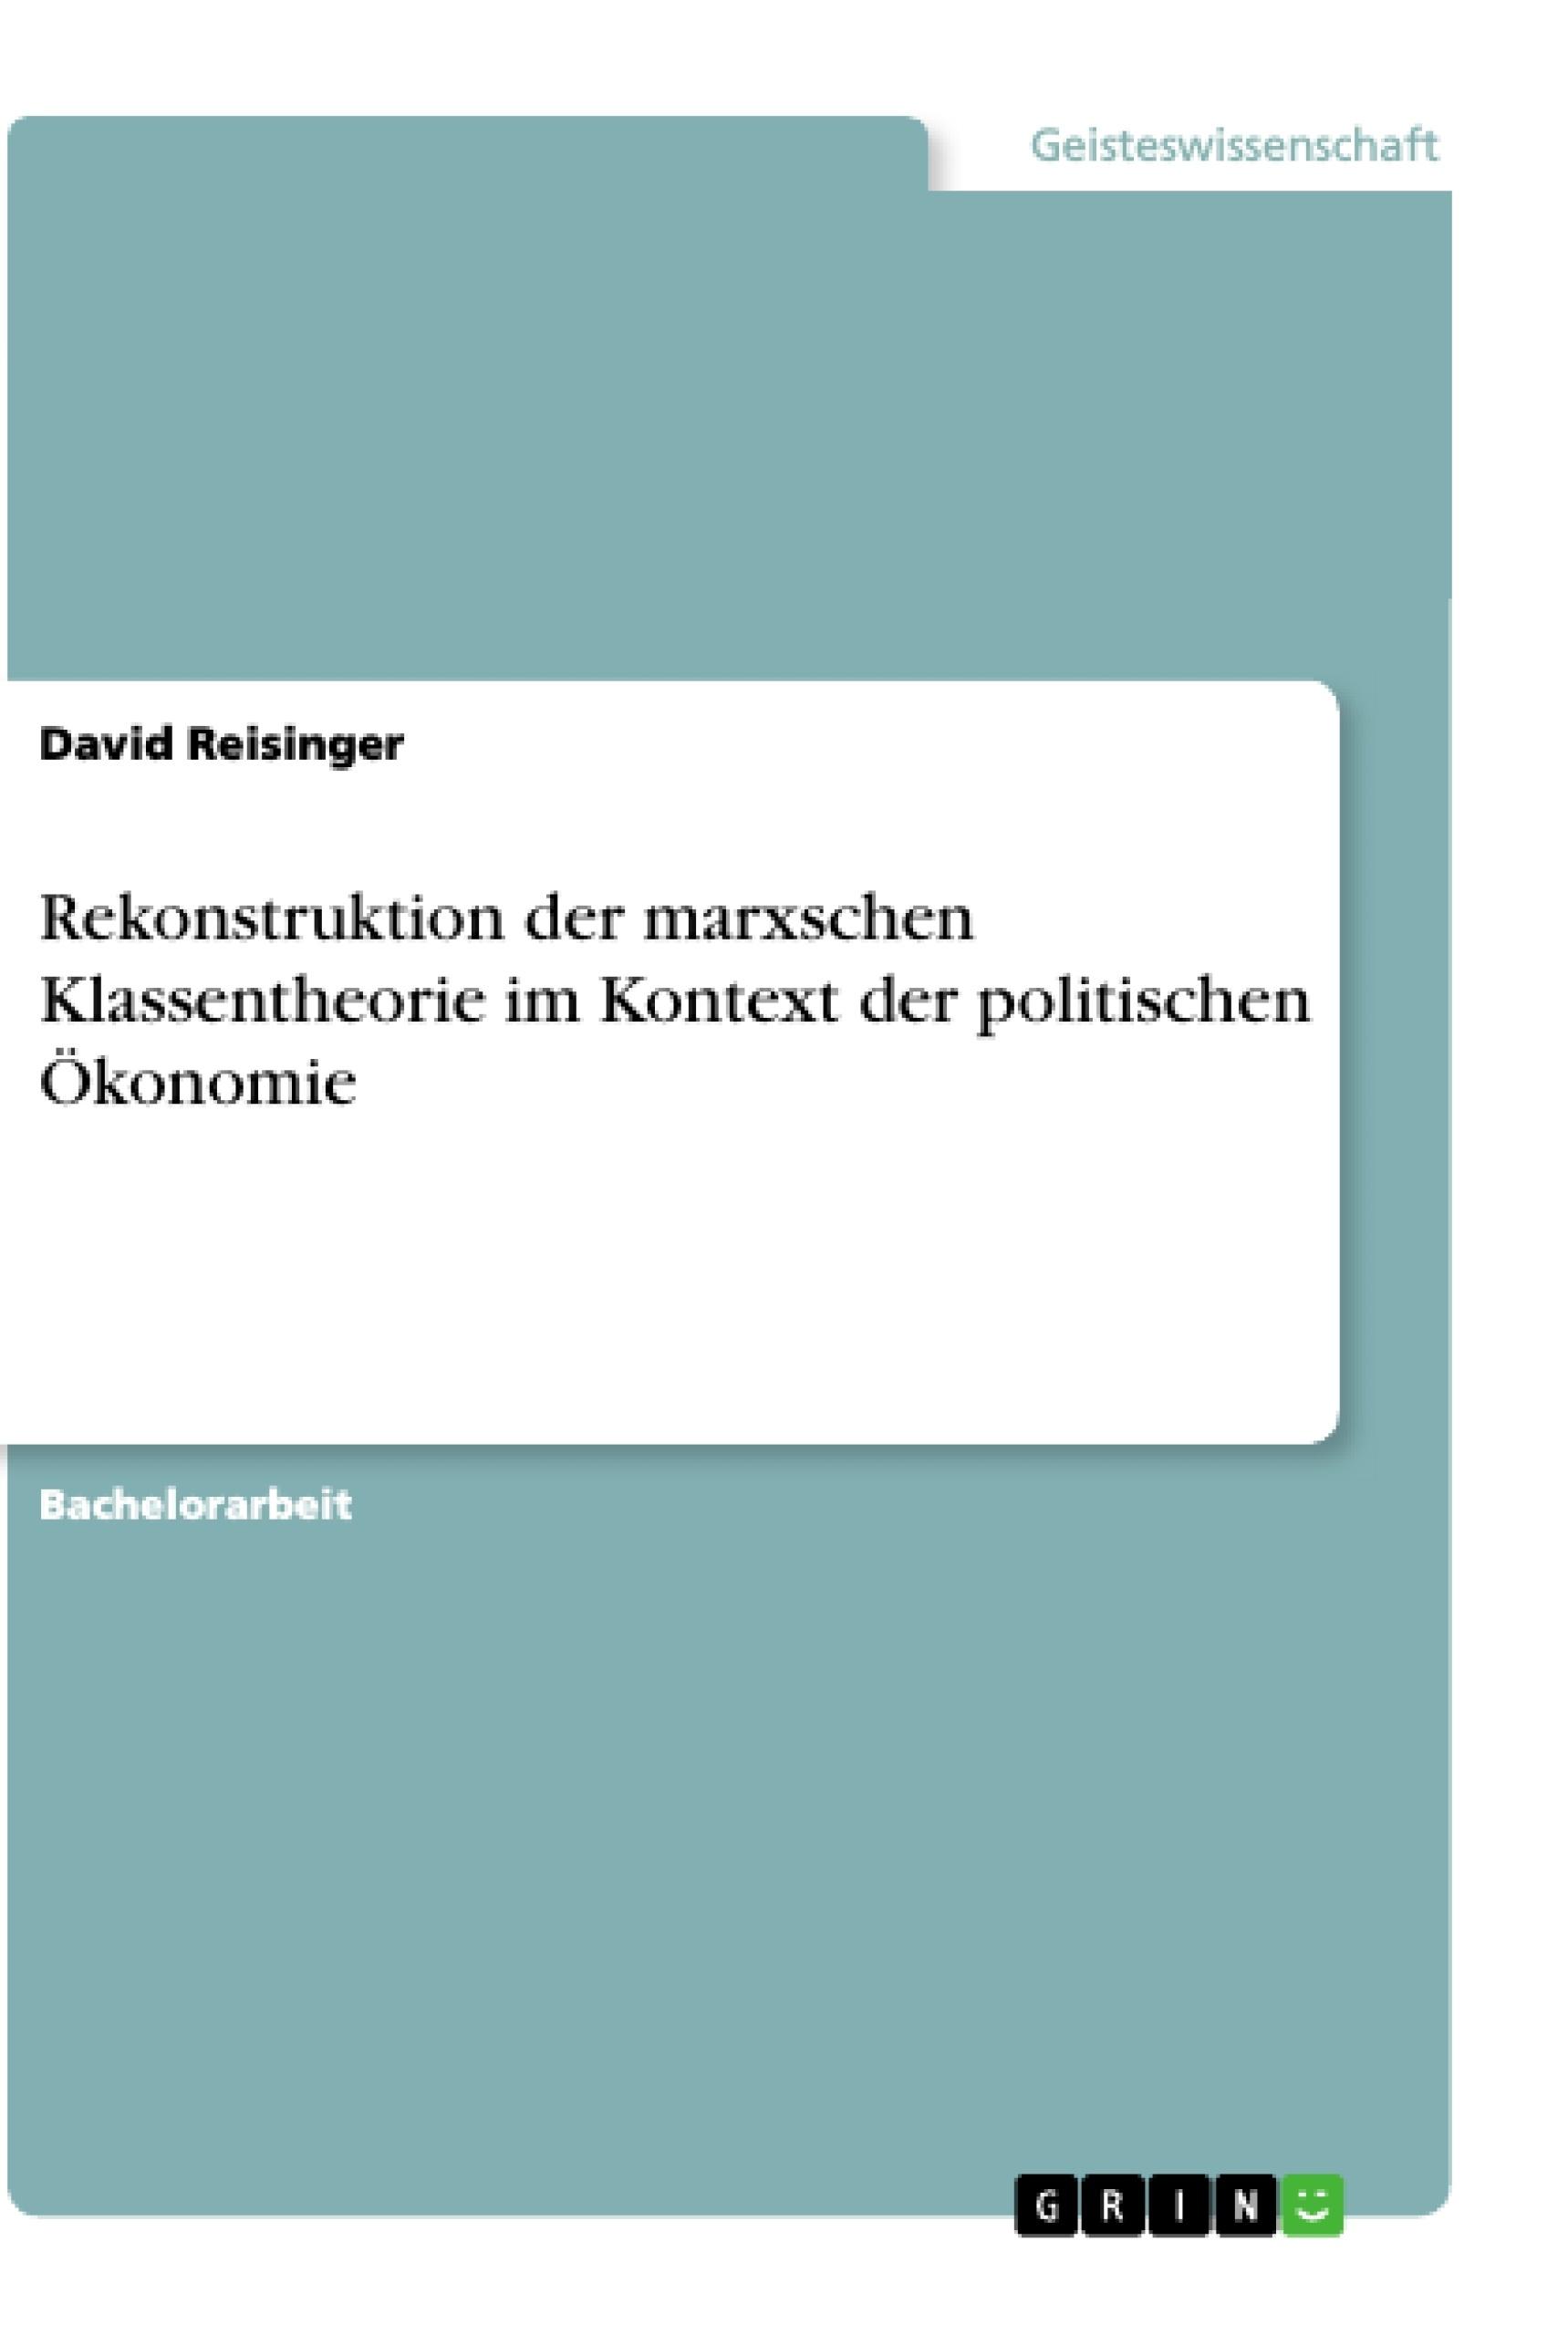 Titel: Rekonstruktion der marxschen Klassentheorie im Kontext der politischen Ökonomie